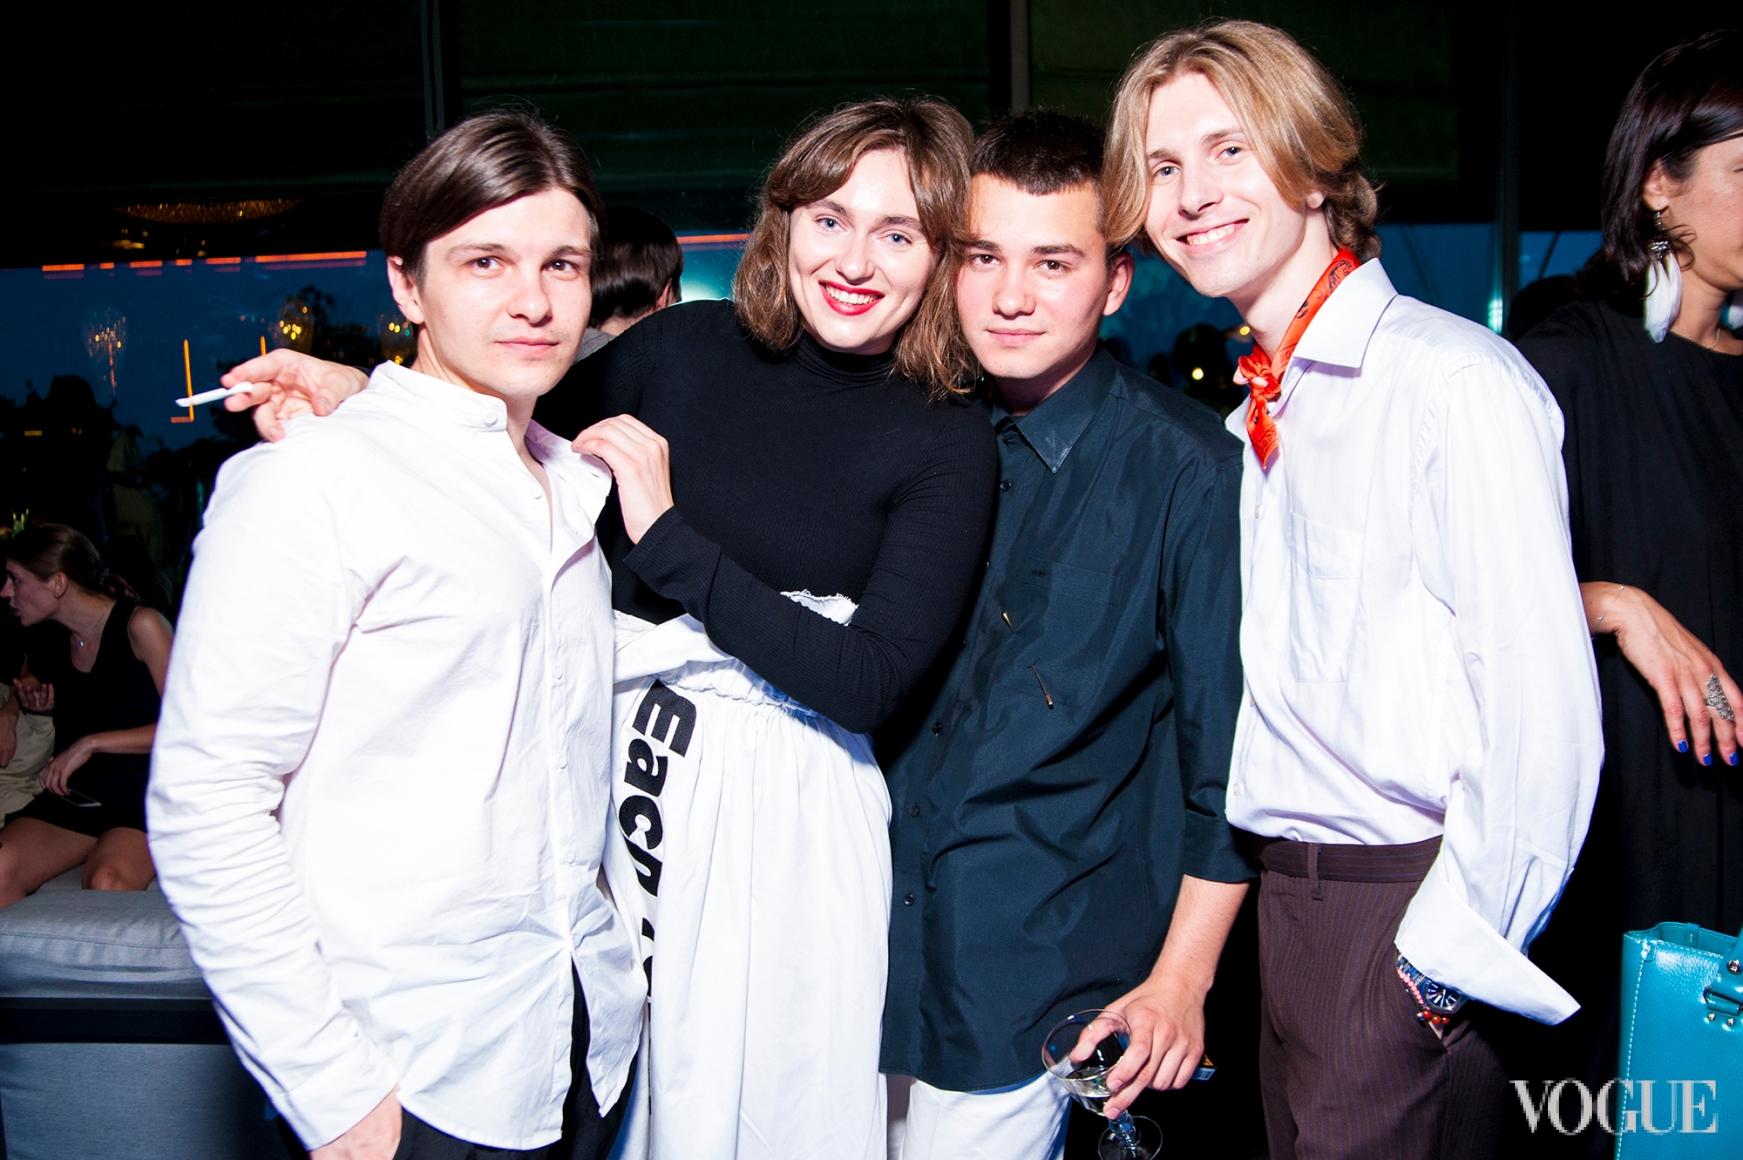 Сергей Ковалев, Юлия Полященко, Иван Фролов, Юрий Амососв